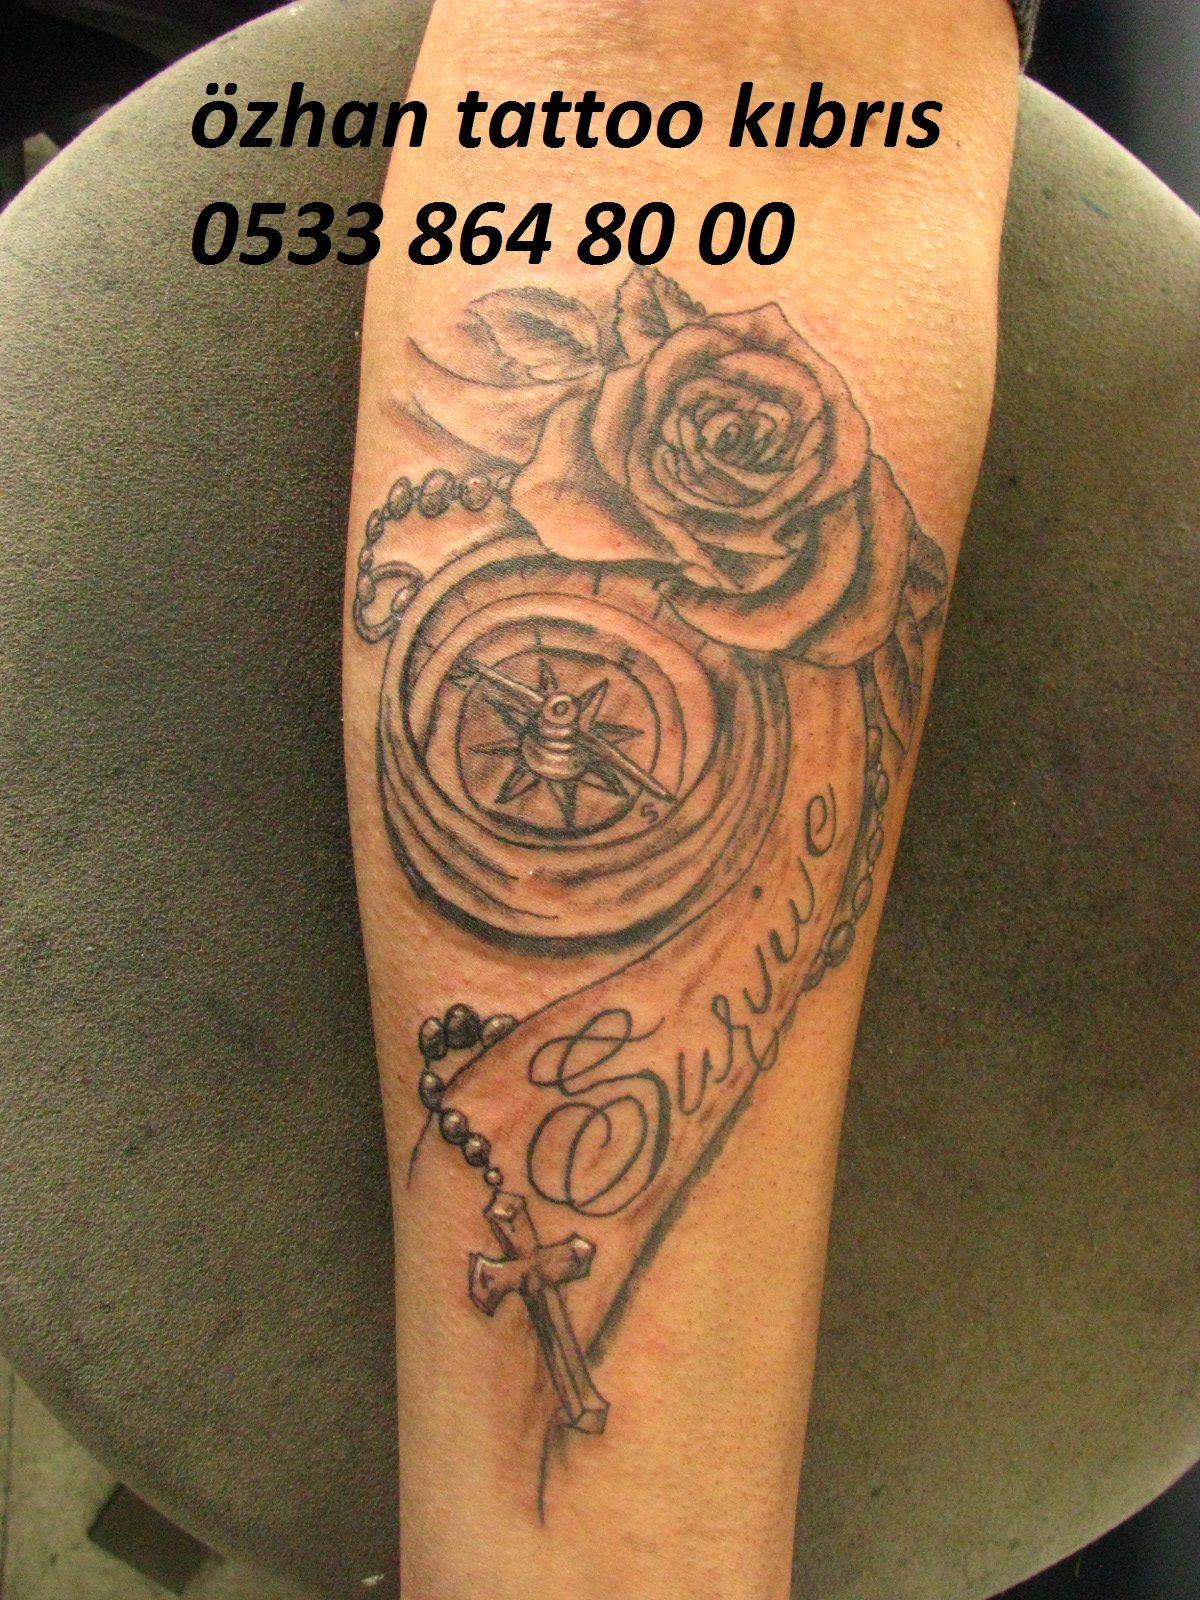 Dovme Kibris Tattoo Cyprus Cyprus Tattoo Nicosia Tattoo Dovme Modelleri Tattoo Dovme Tattoo Dovme Dovme Fiyatlari Tattoo Dovme Desenleri Dovme Dovme Modelleri